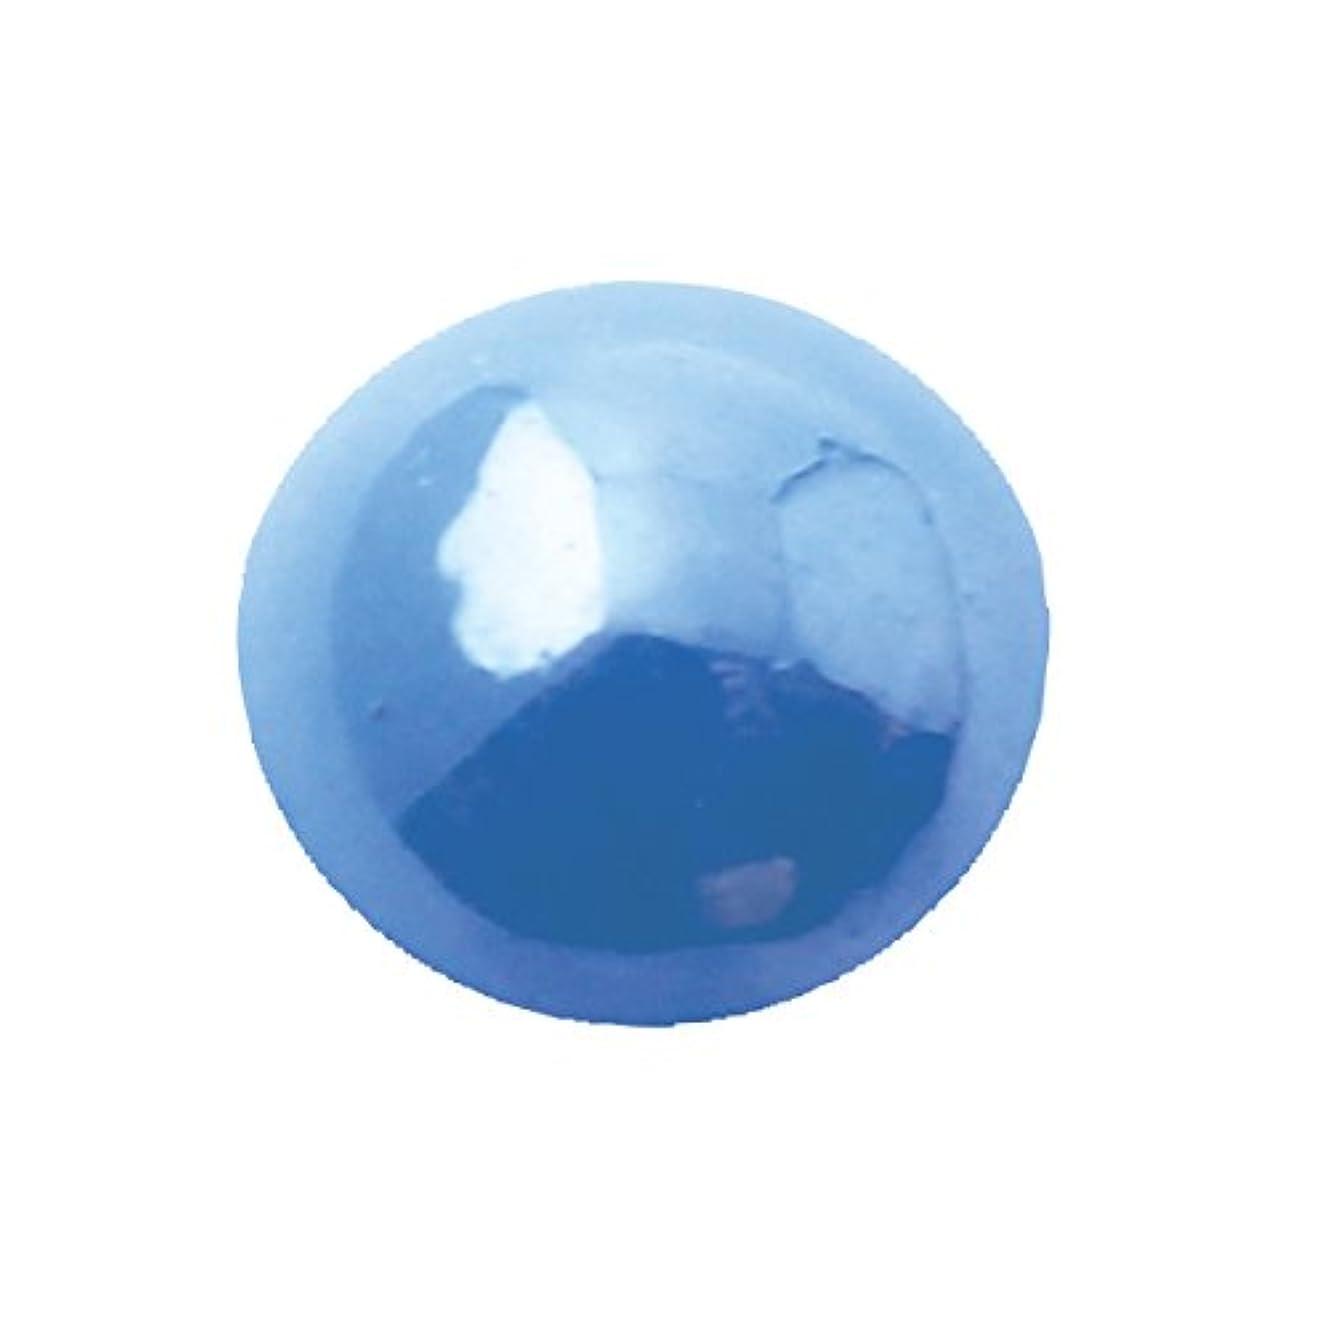 投獄とげ拒絶するグラスパールラウンド 5mm(各30個) ブルー